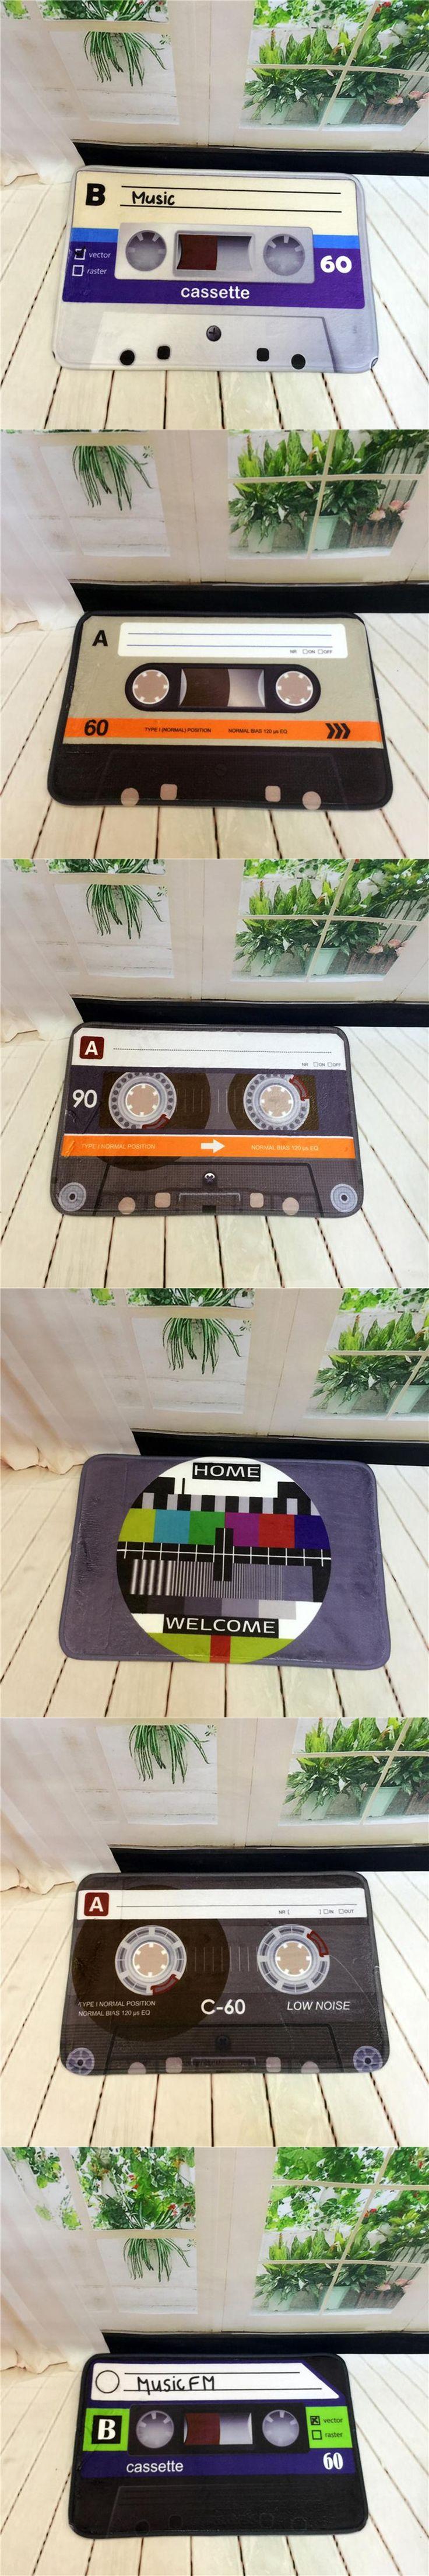 HOT Vintage Polyester Magnetic Tape Non-slip Floor Mat Carpet Indoor Entrance Door Floor Doormat Living Room Bedside Porch Rugs